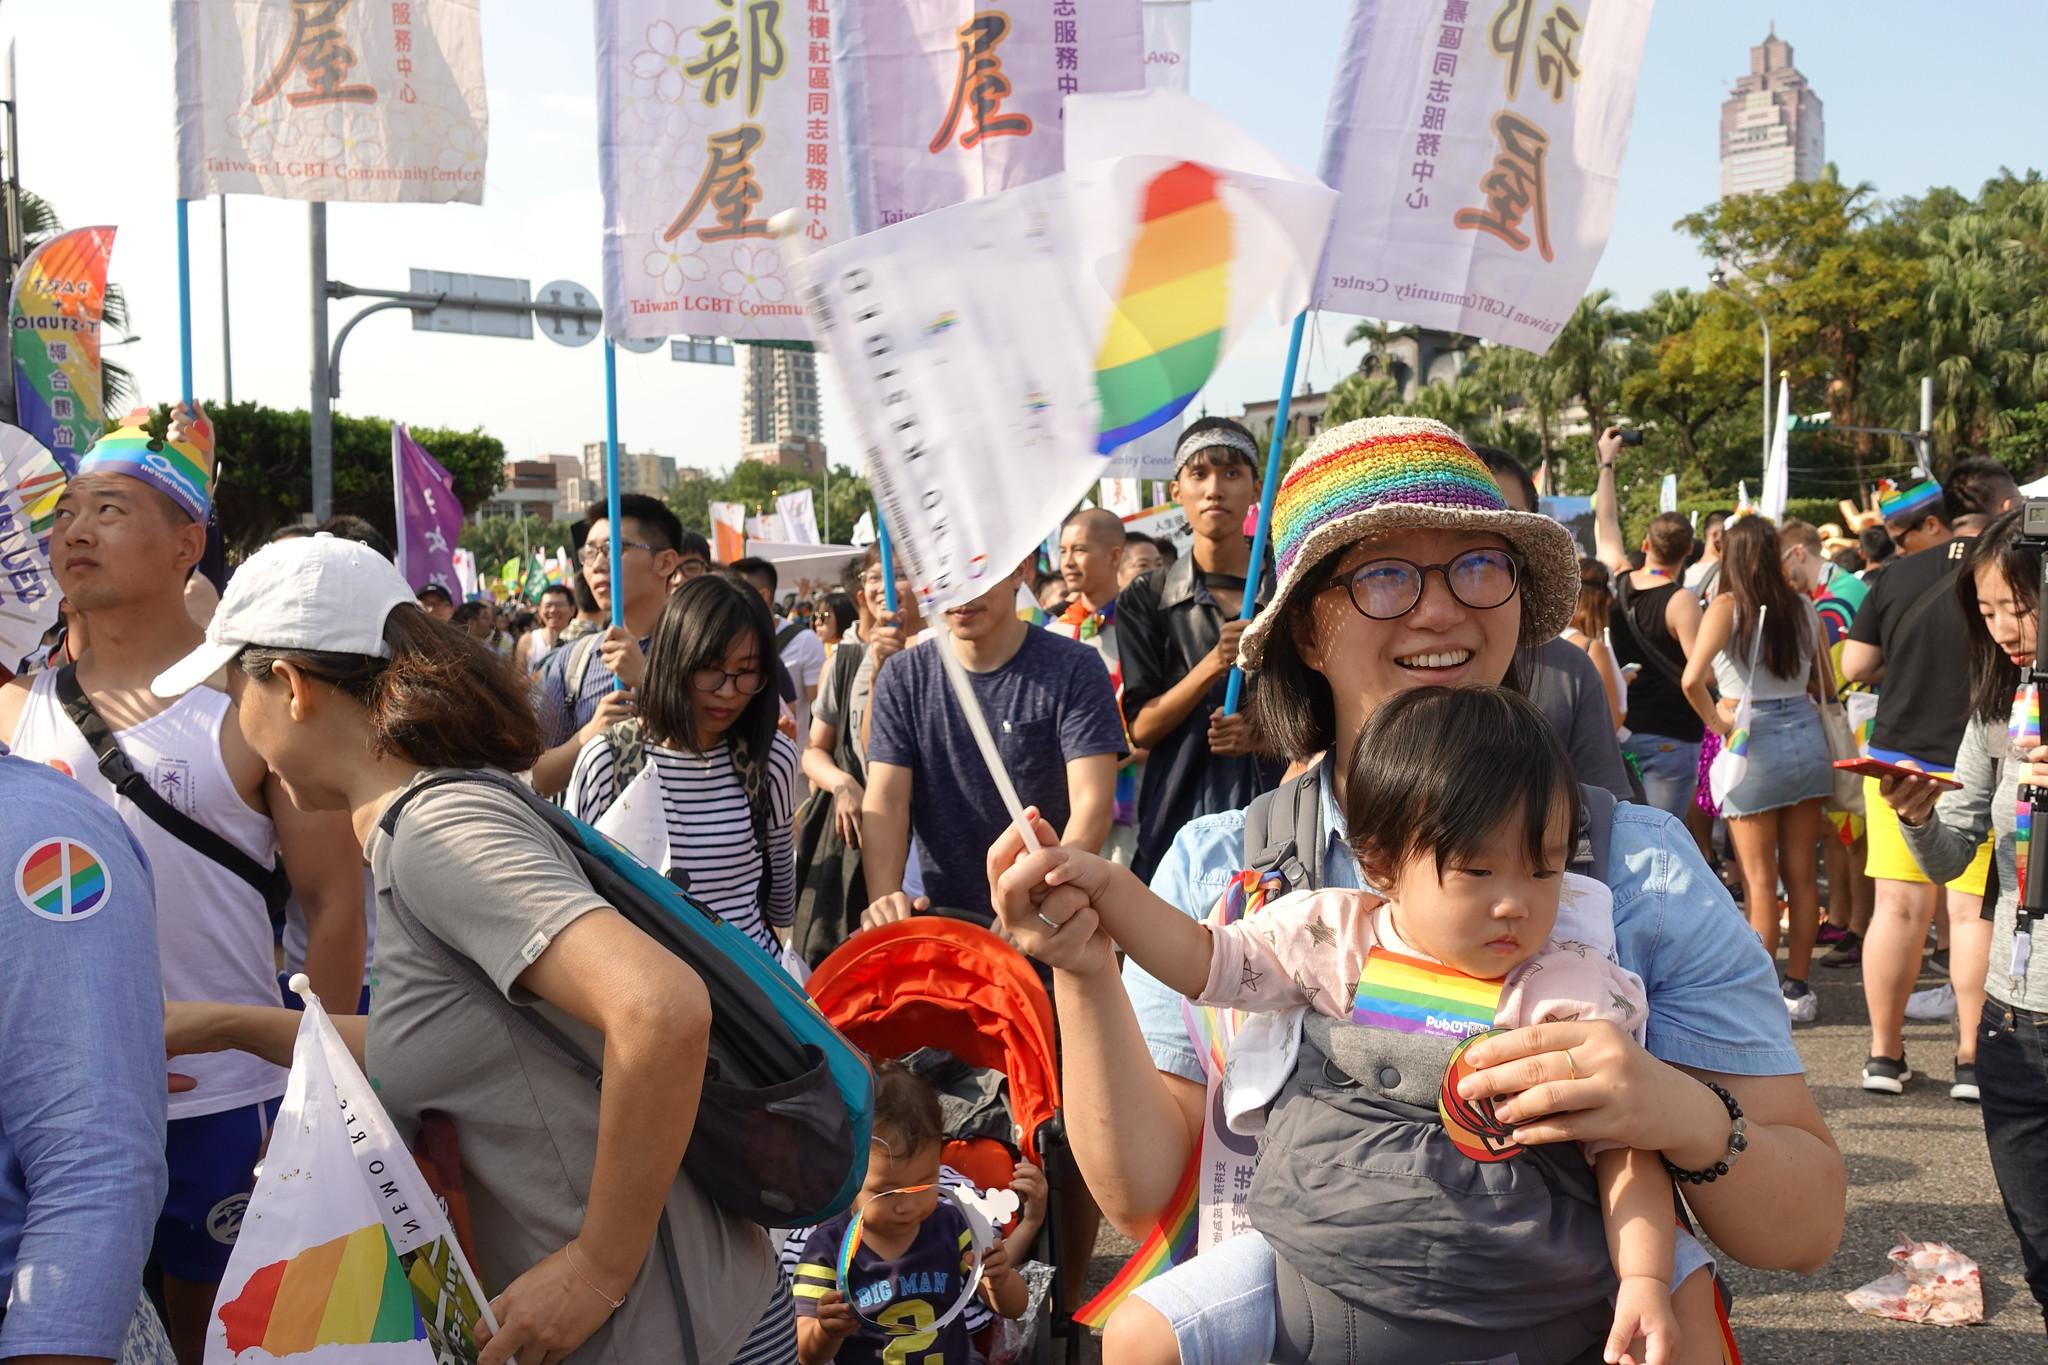 今年同志遊行,有許多家長帶著孩子一同參與。(攝影:張智琦)